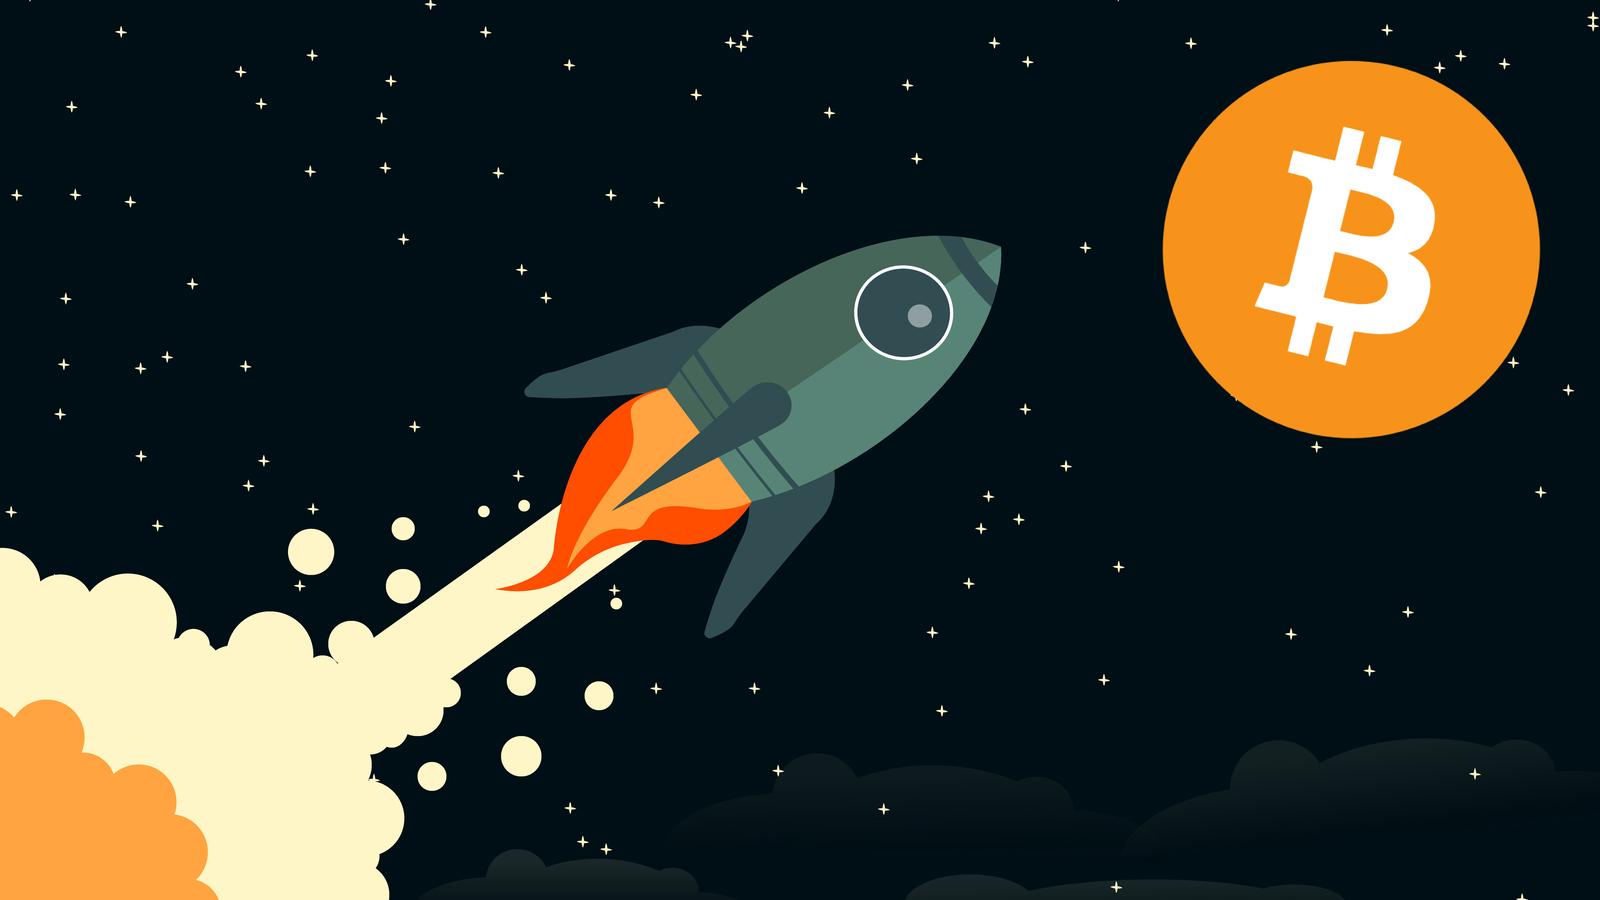 Bitcoin to the moon concept art